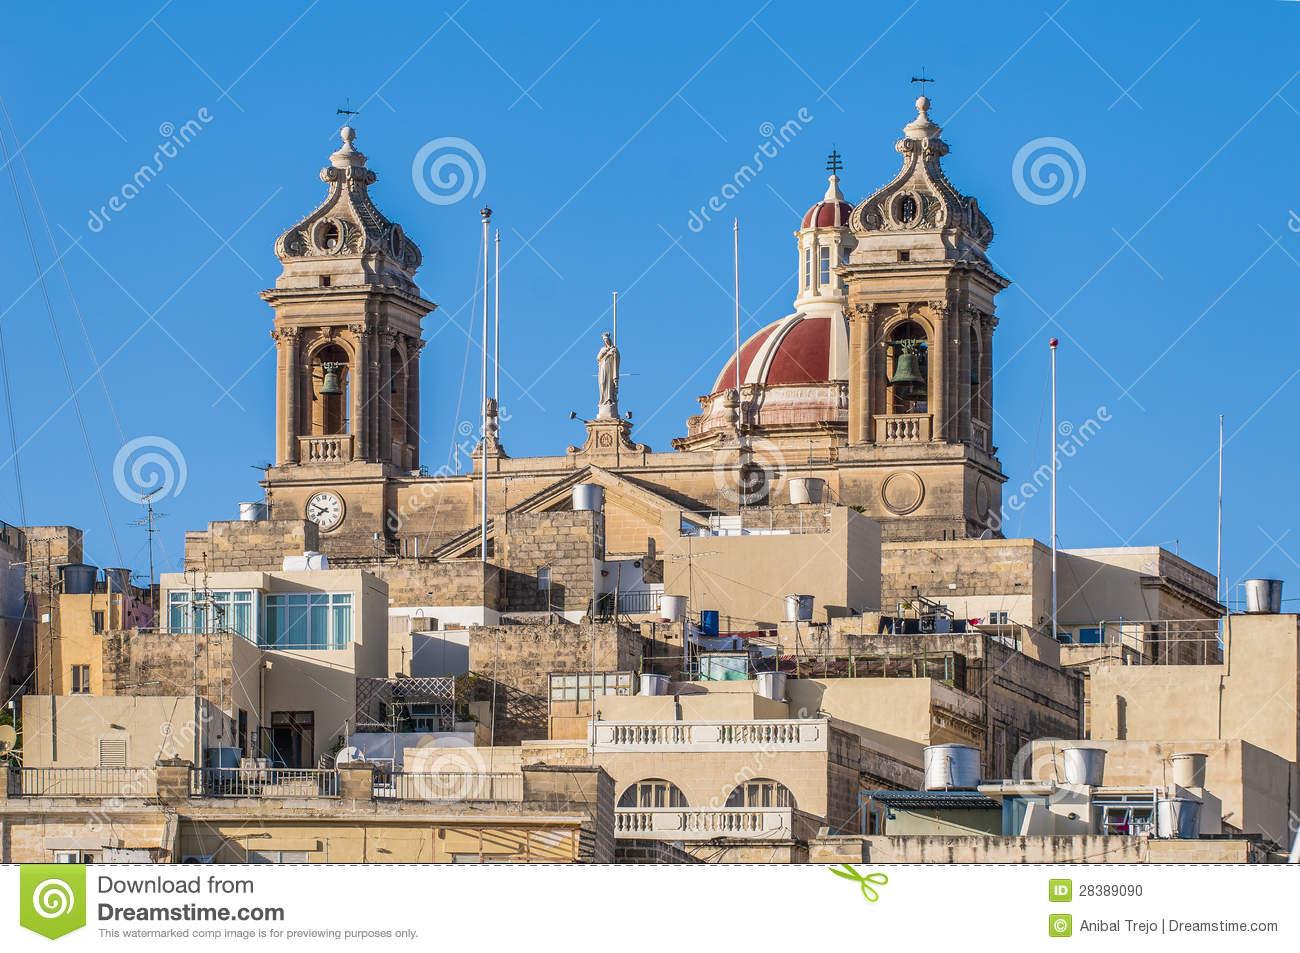 Basilica Of Senglea In Malta. Stock Photo.